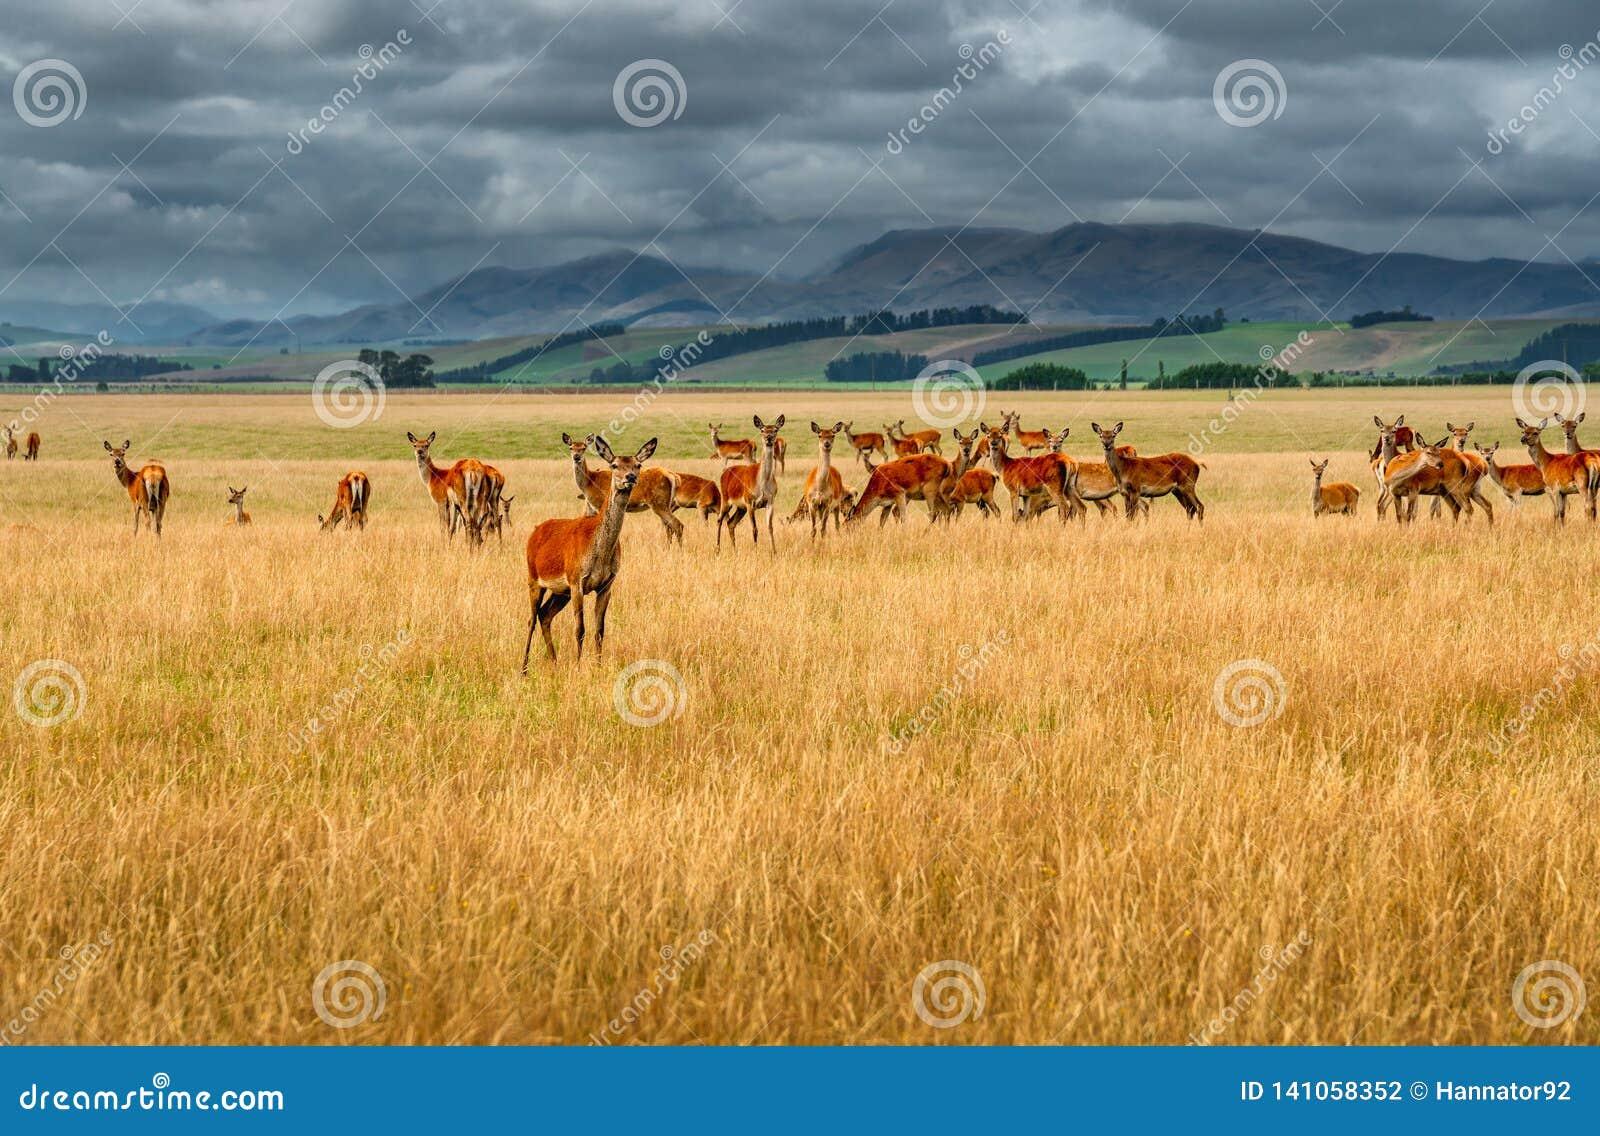 Eine große Gruppe des wilden Rens, der Berge und des bewölkten Himmels auf dem Hintergrund